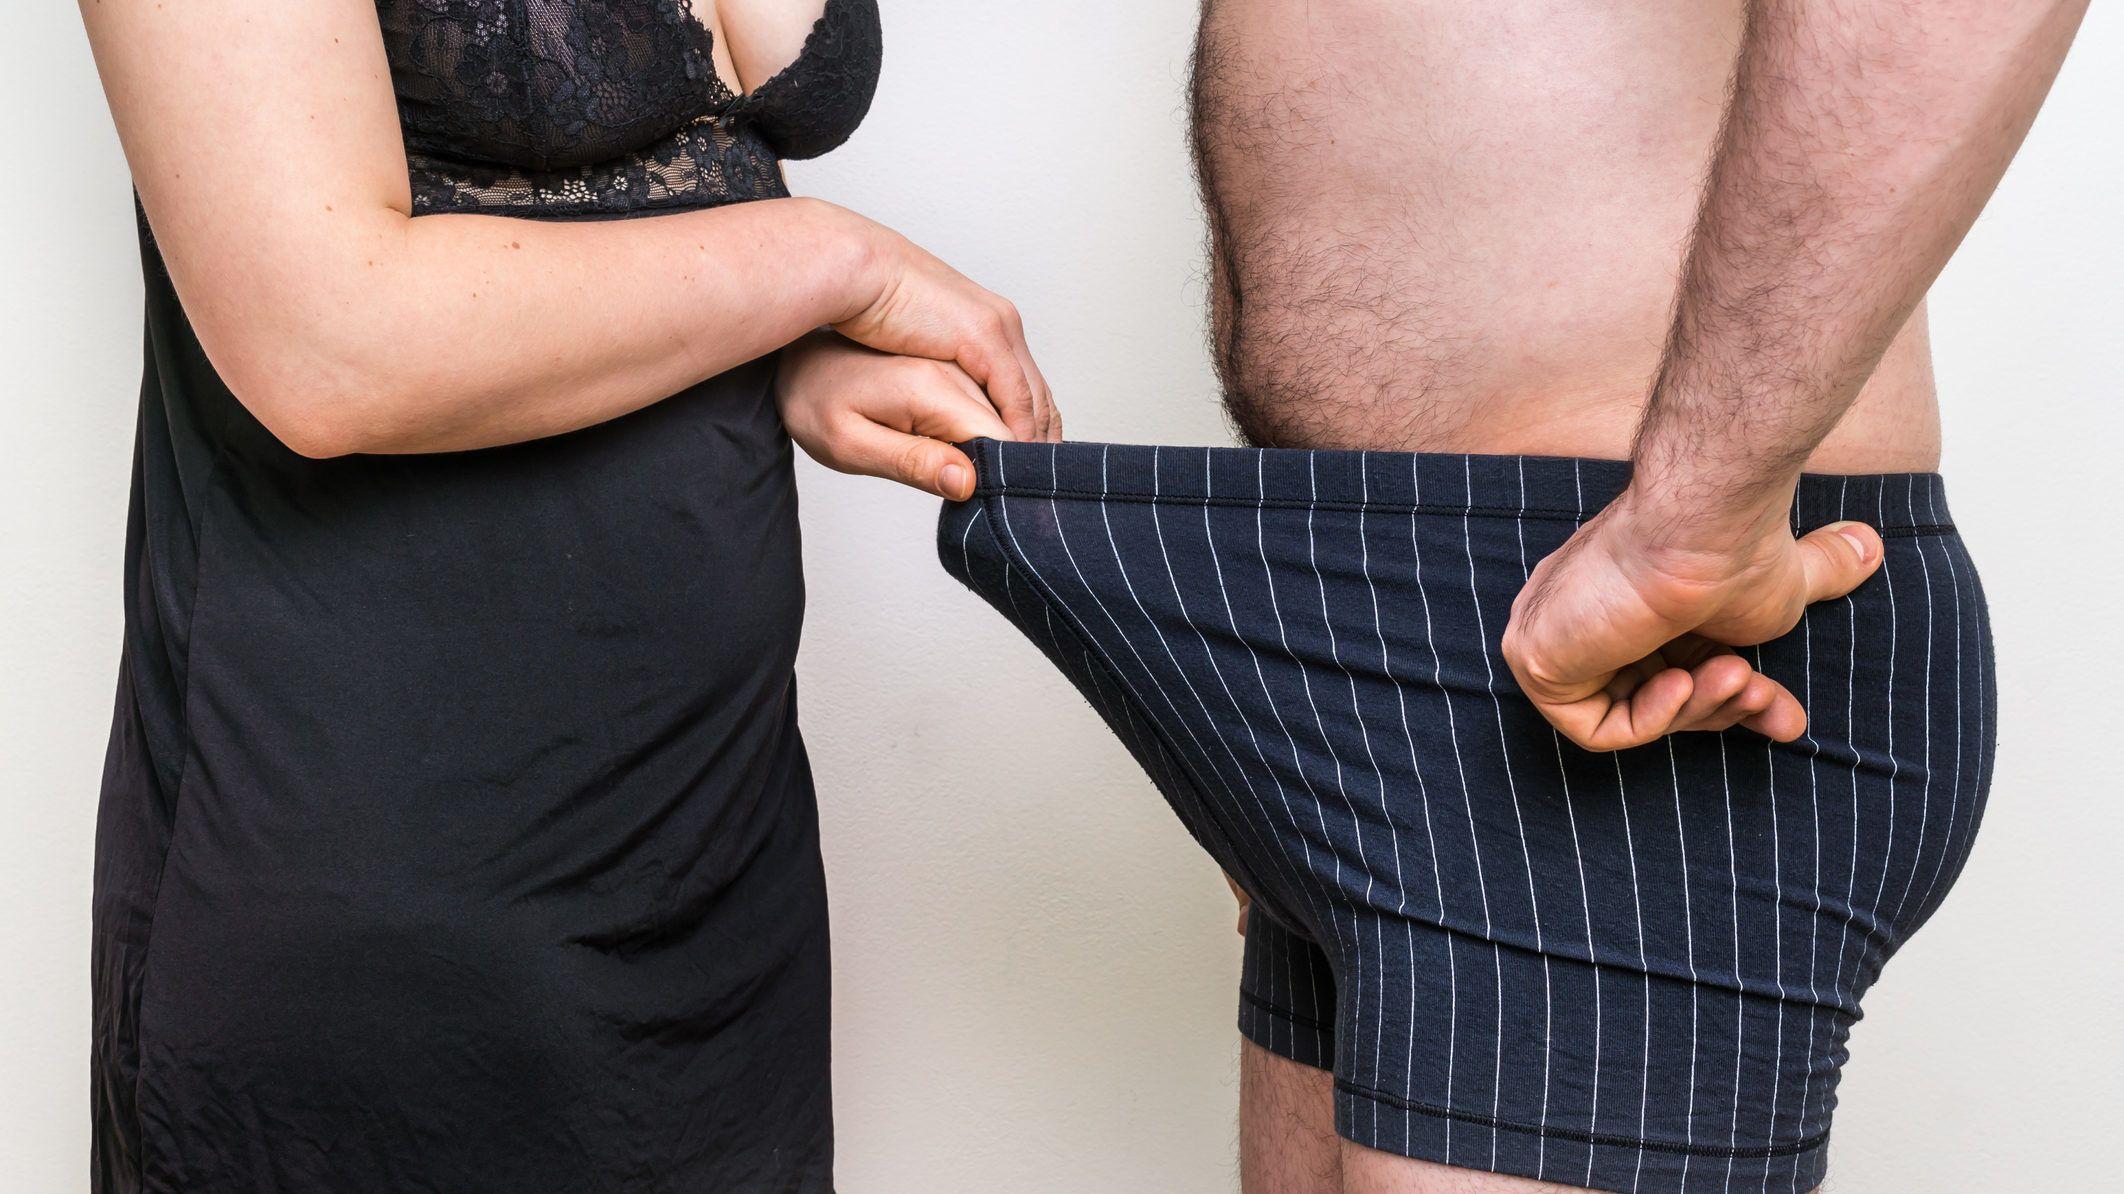 pénisz és normál mérete